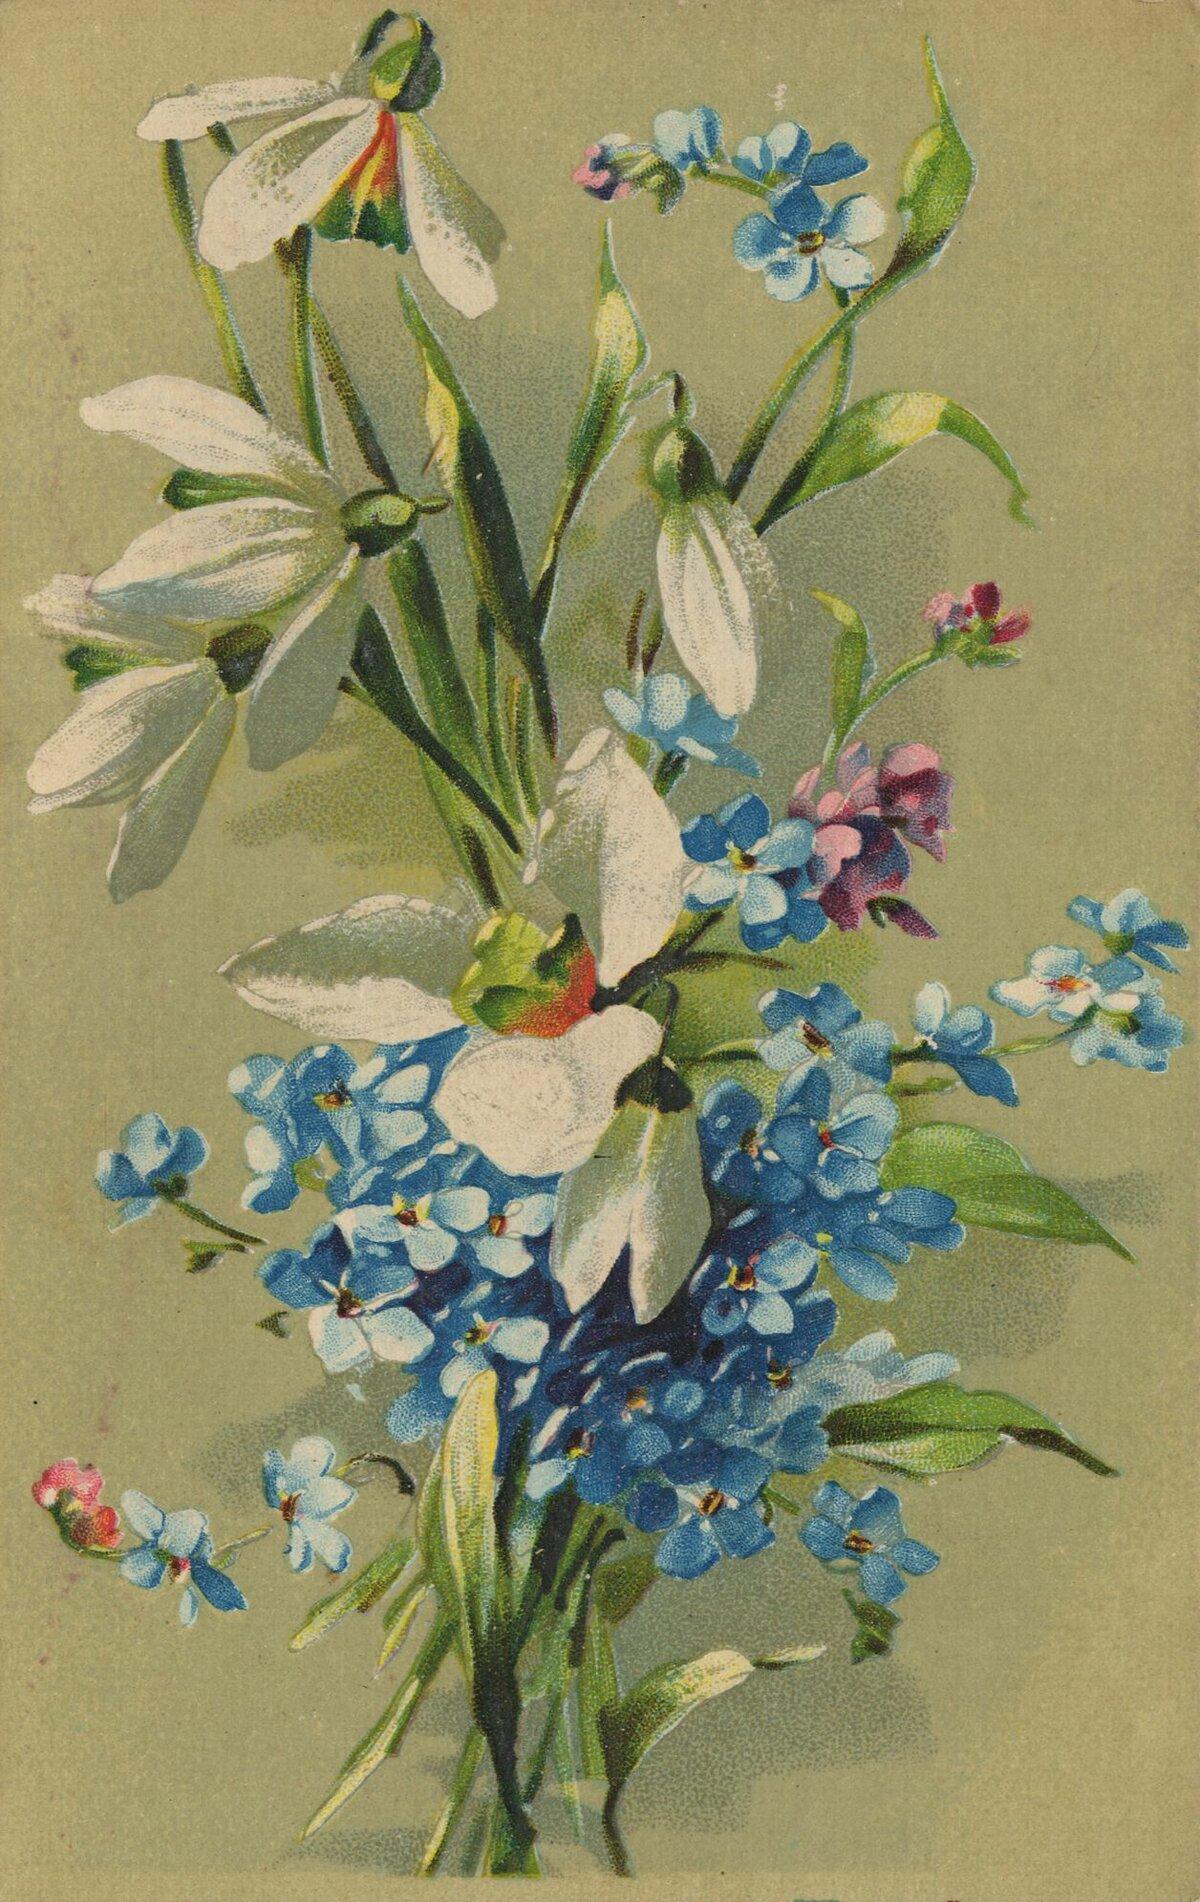 Февраля девушками, цветы в старых открытках